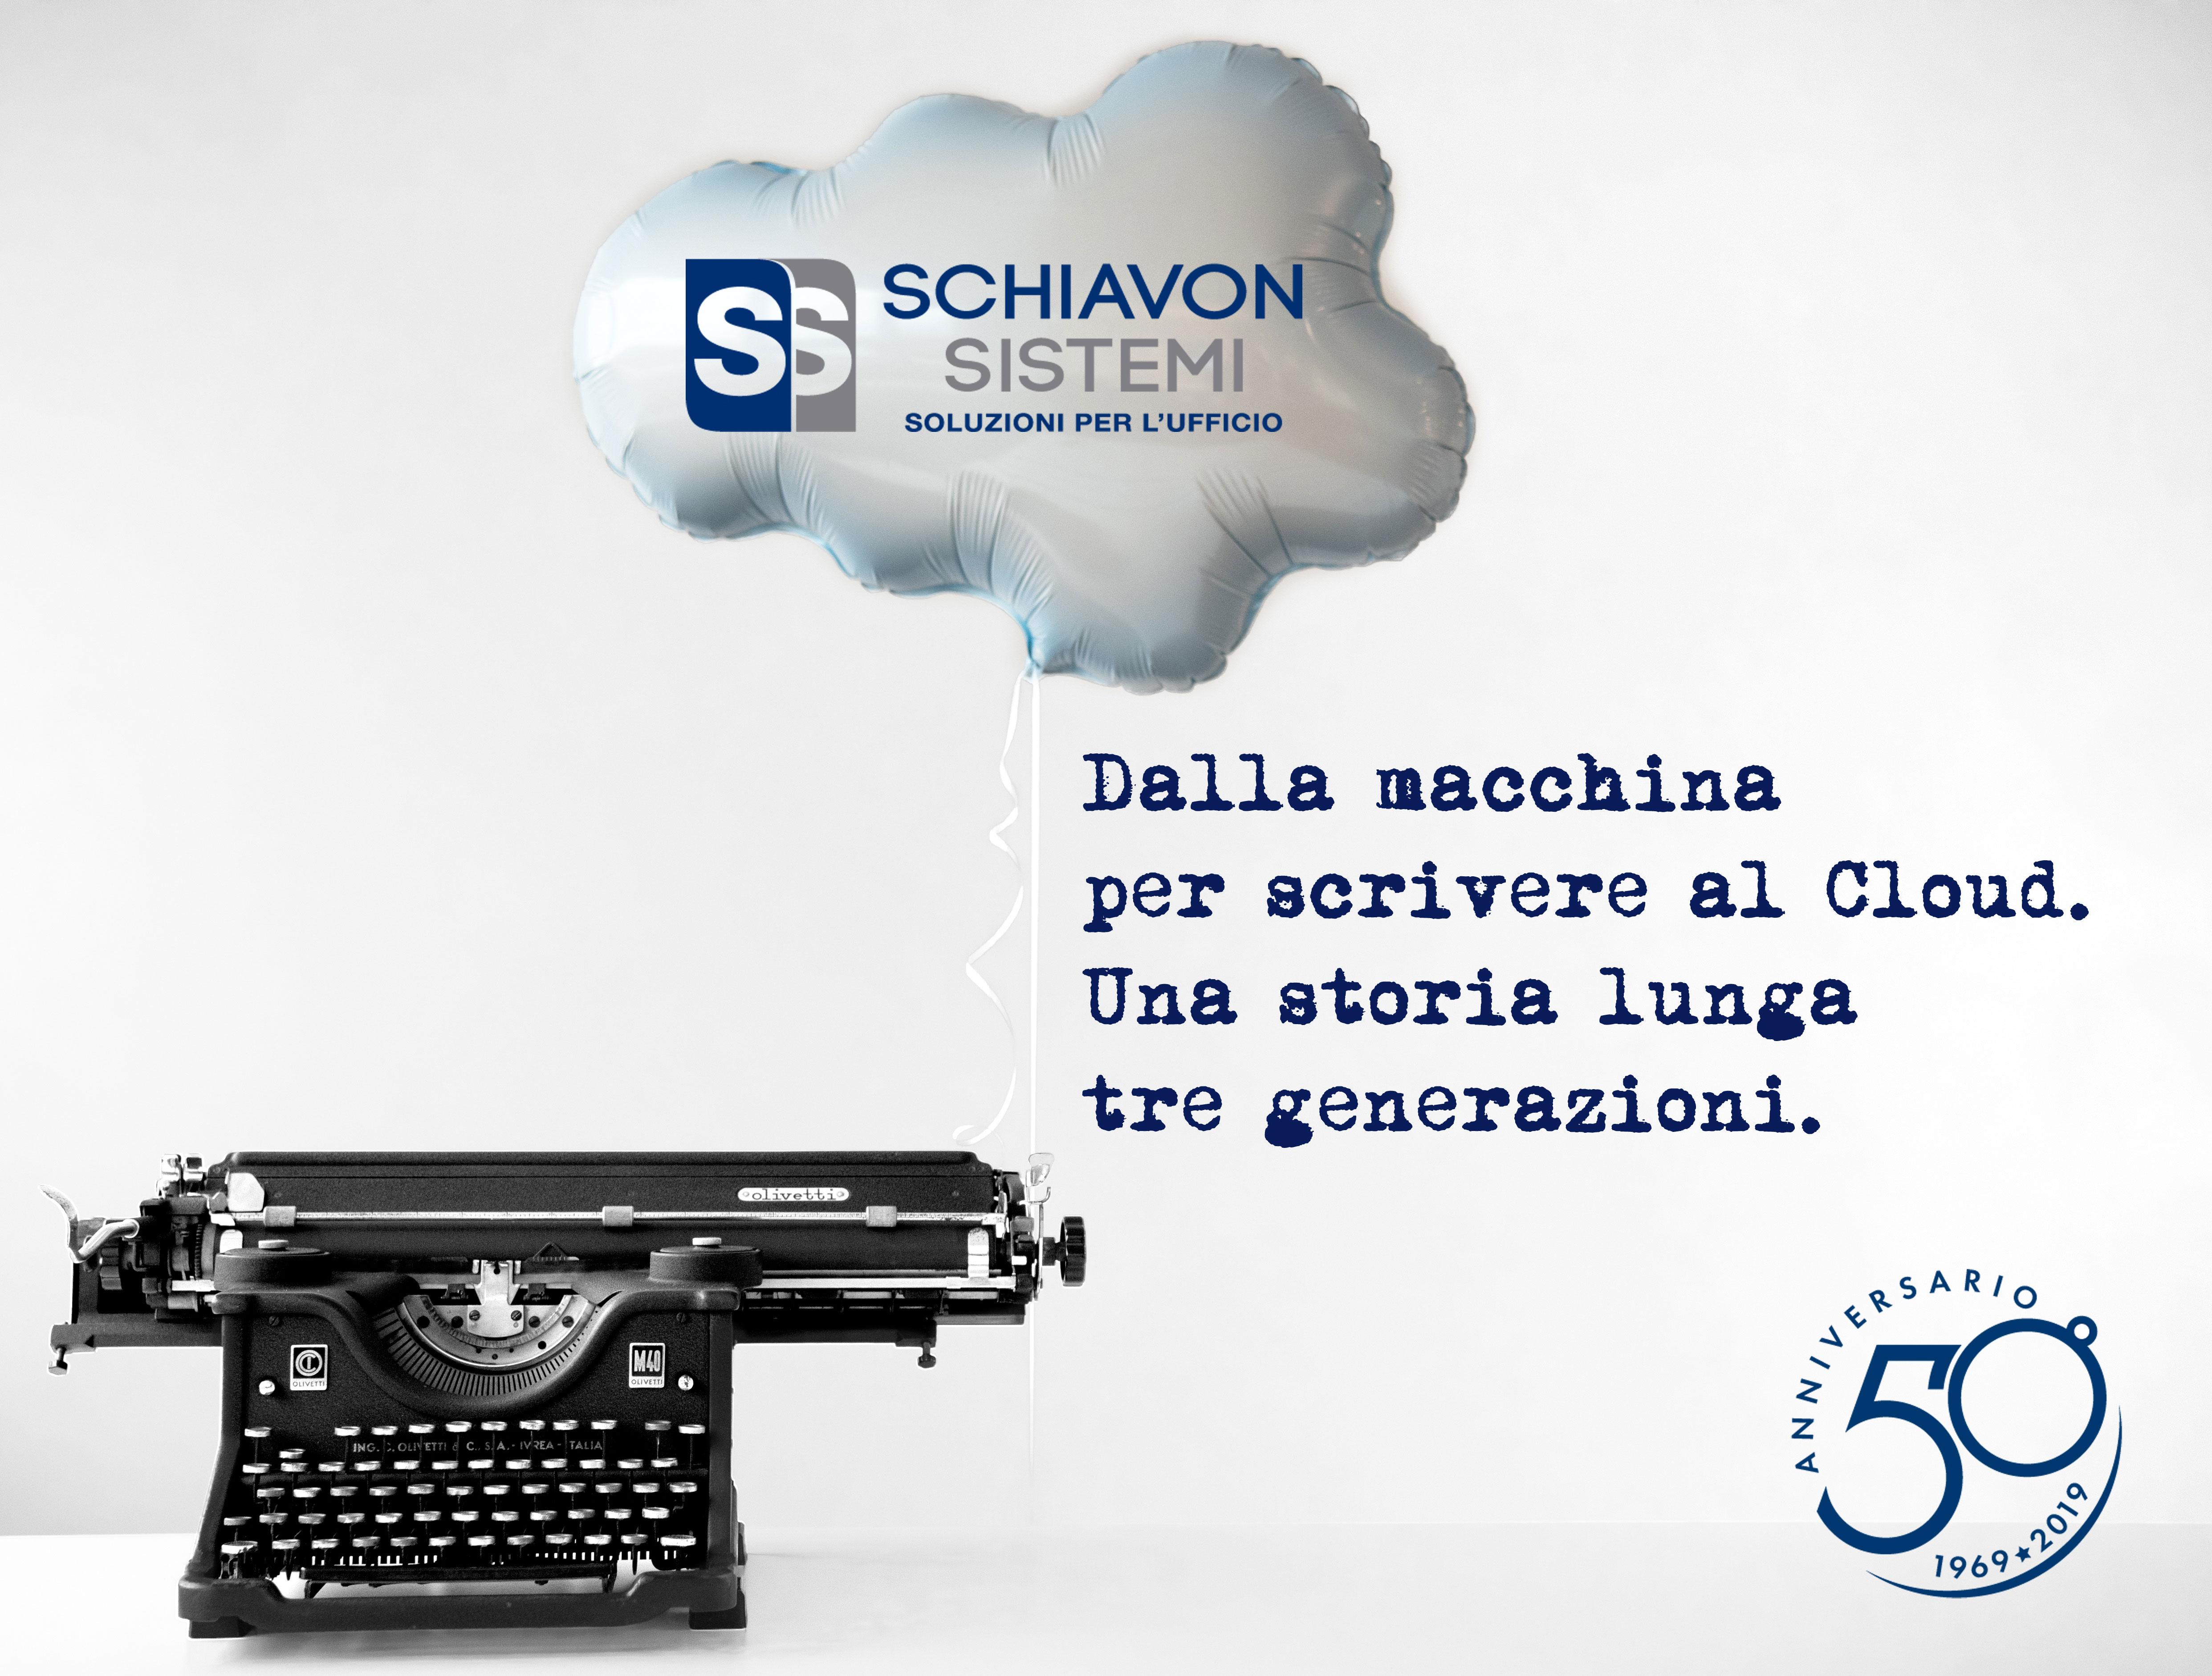 Schiavon Sistemi festeggia 50 anni